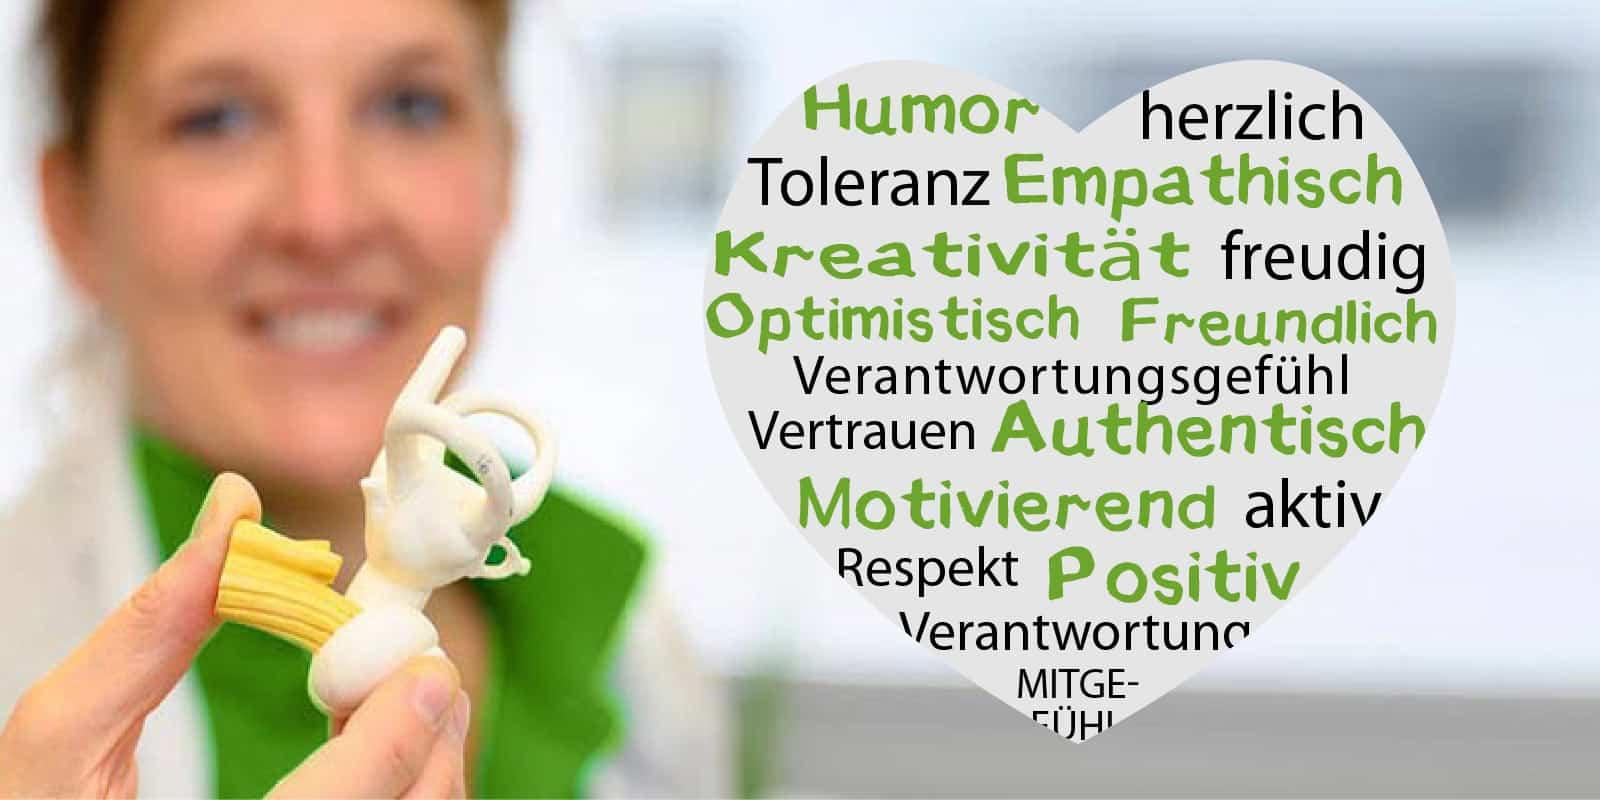 Silvy Kellerer, Schwindelexpertin unterstützt Sie mit Humor empathisch und freundlich